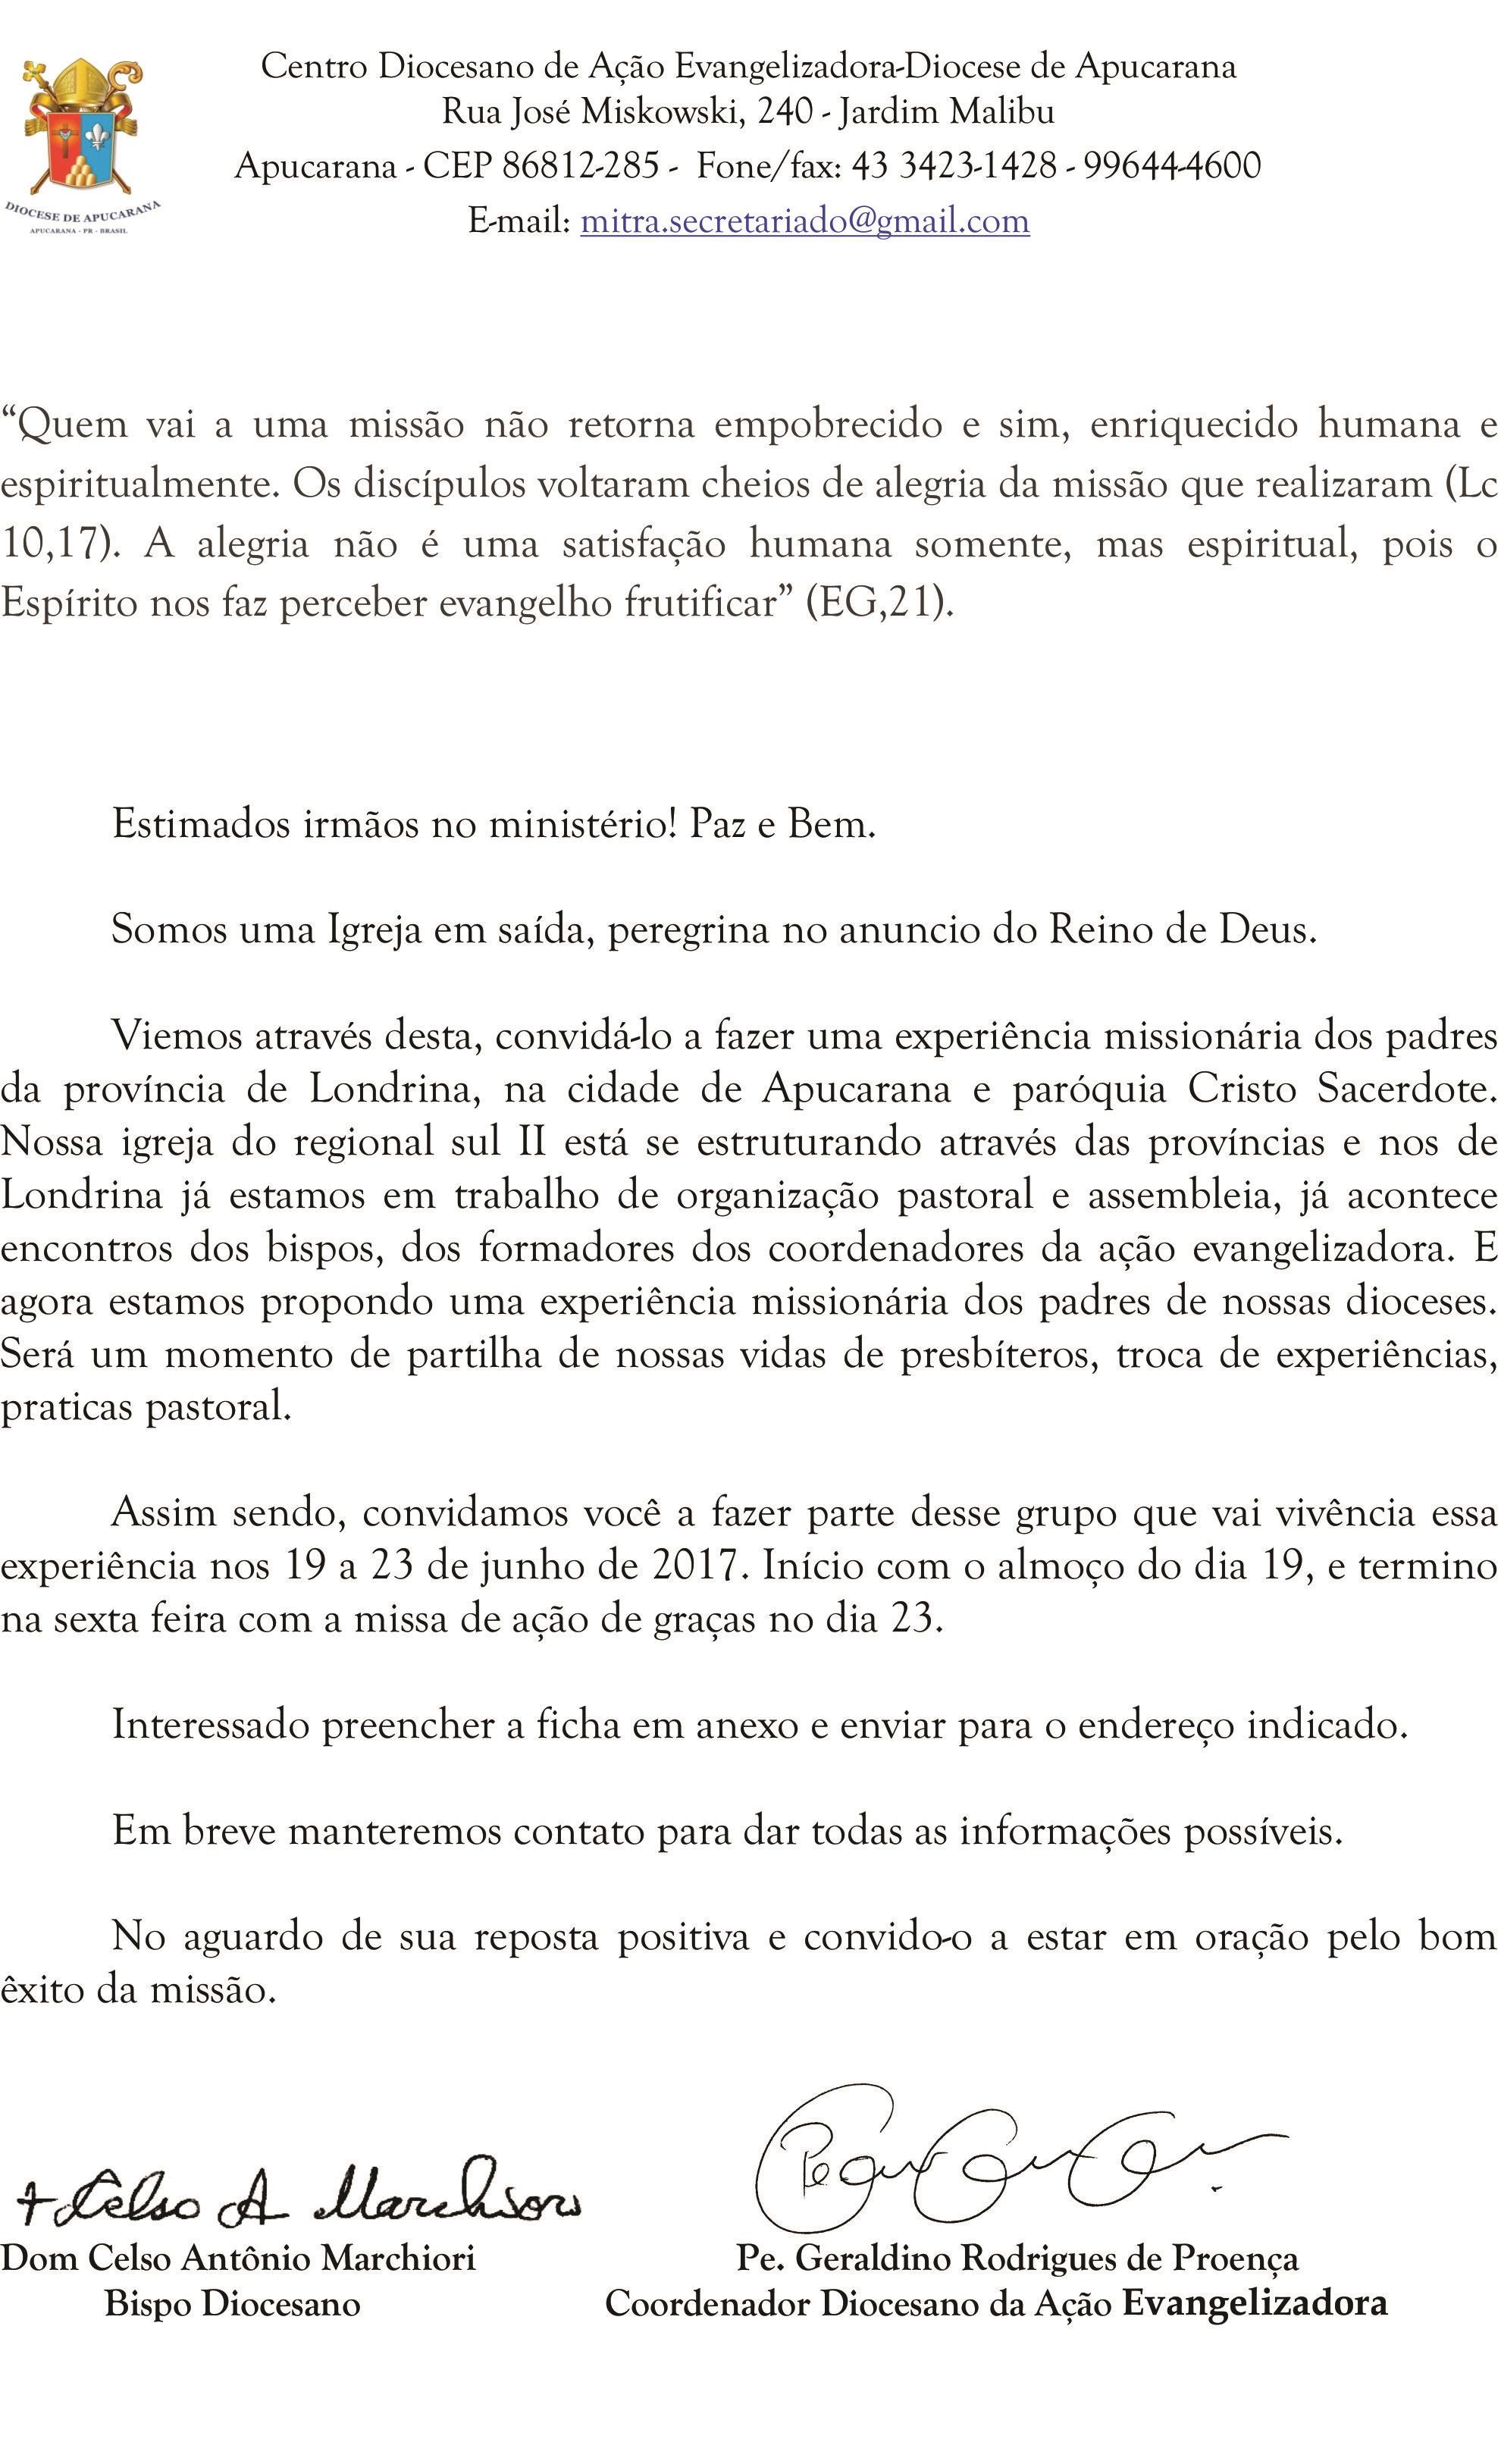 carta provincia londrina